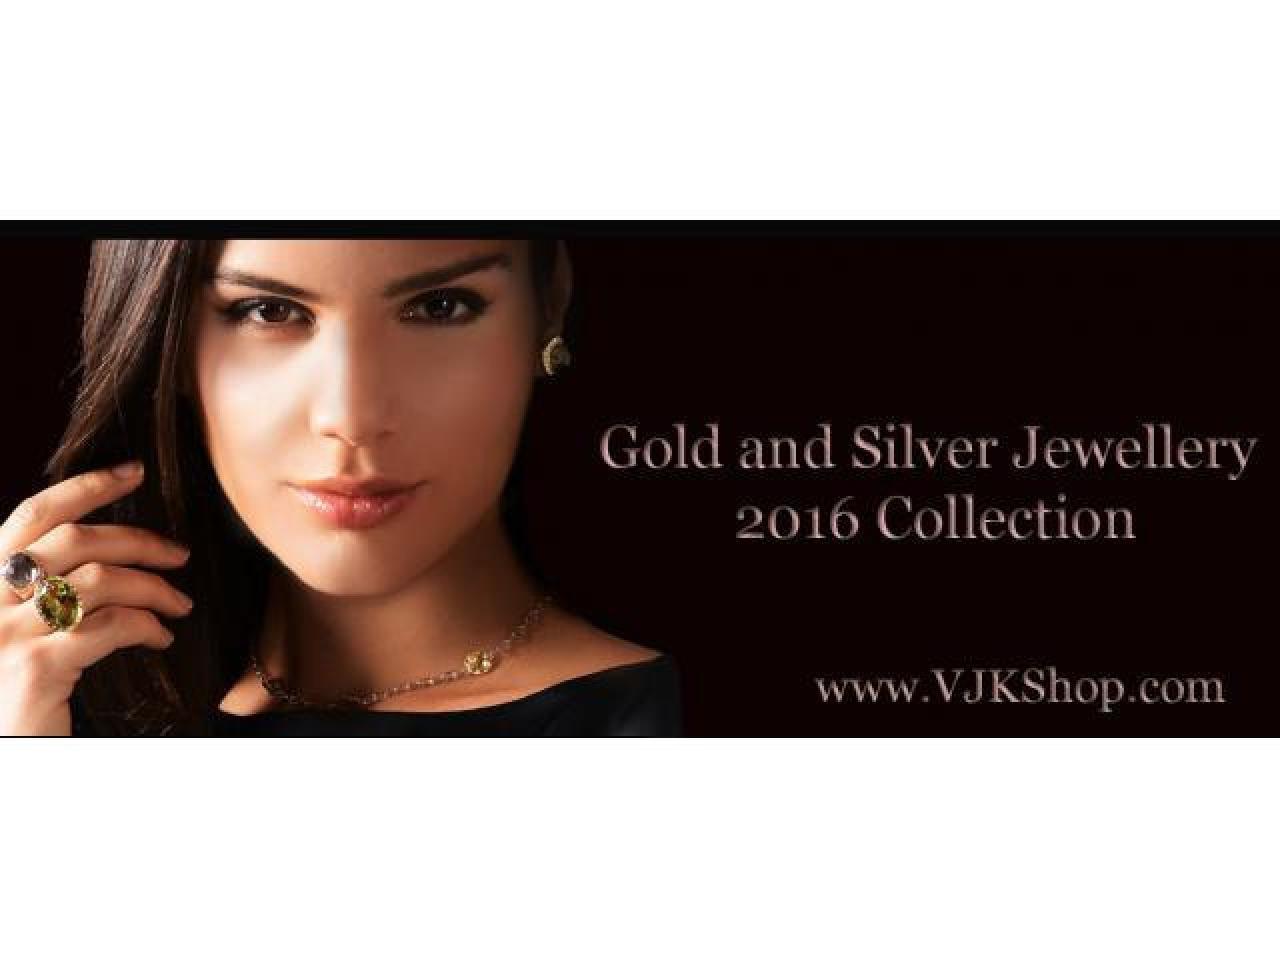 серебряные и золотые изделия и аксессуары - 1